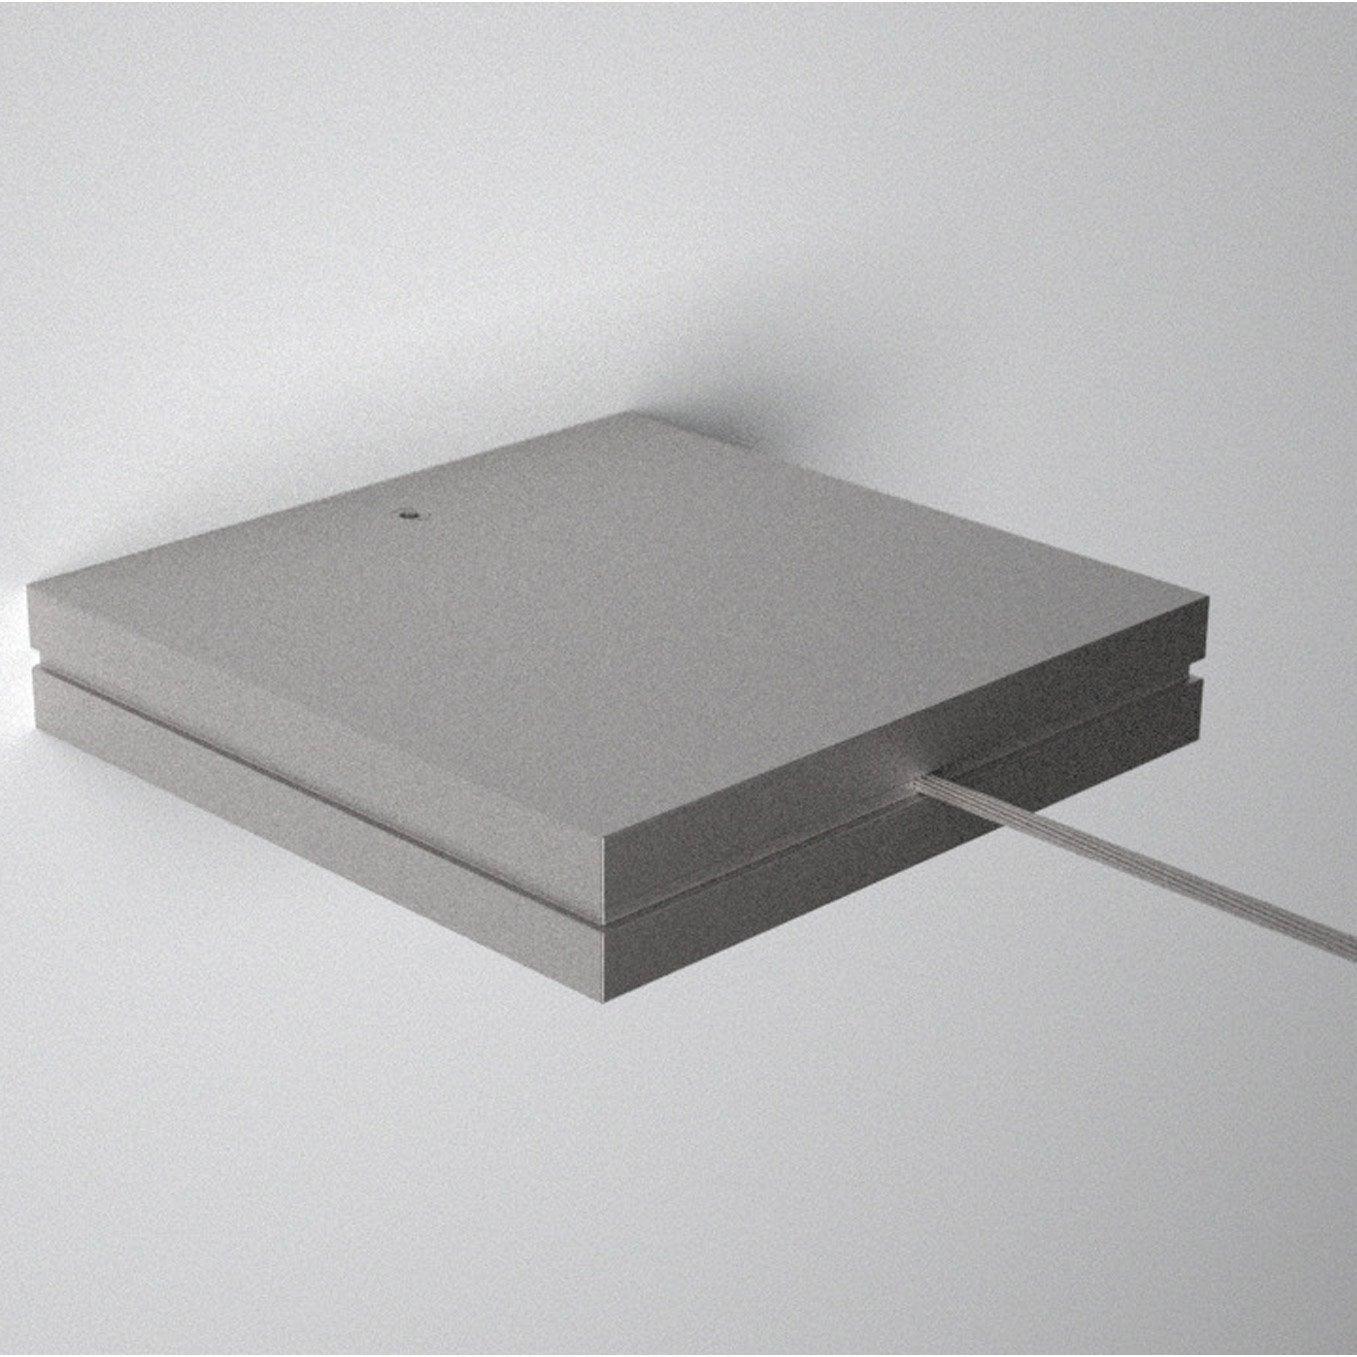 kit complet c ble pour mur et plafond universel blanc l 5 m leroy merlin. Black Bedroom Furniture Sets. Home Design Ideas